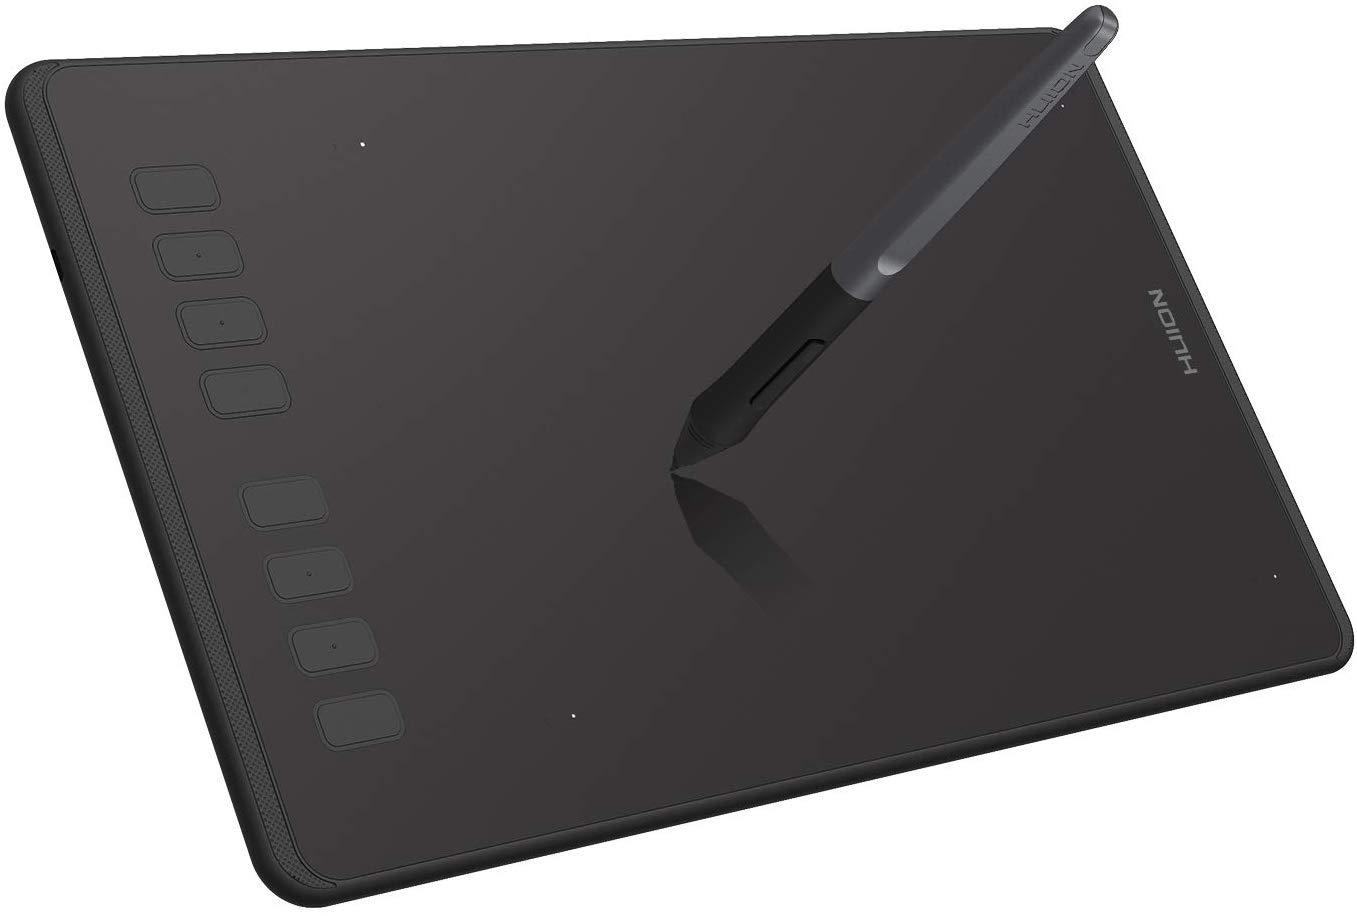 Tablette : une tablette tactile de référence ?